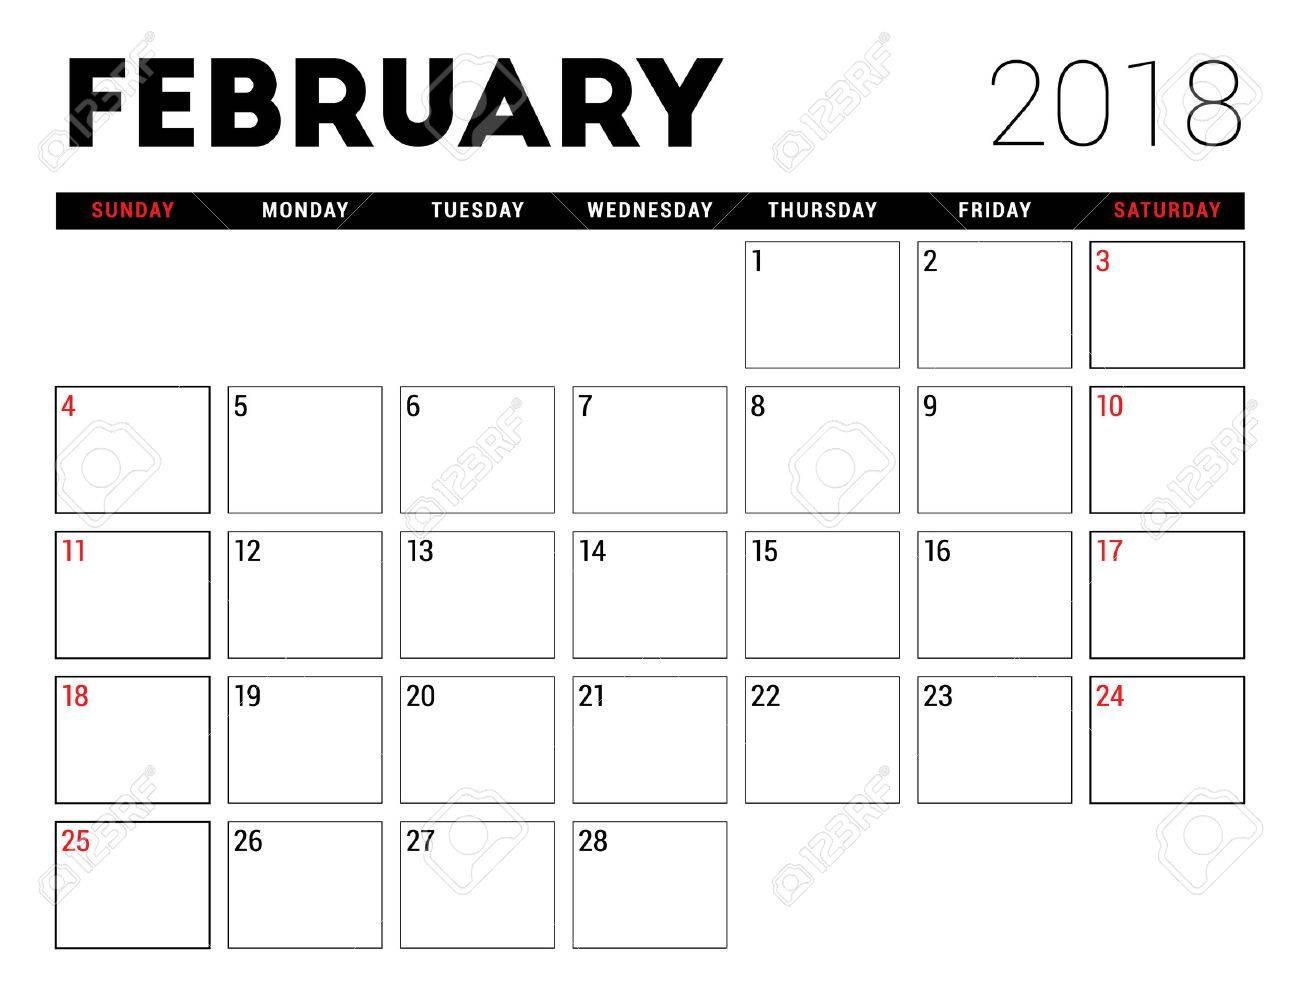 Printable Calendar For February 2018 Planner Design Template